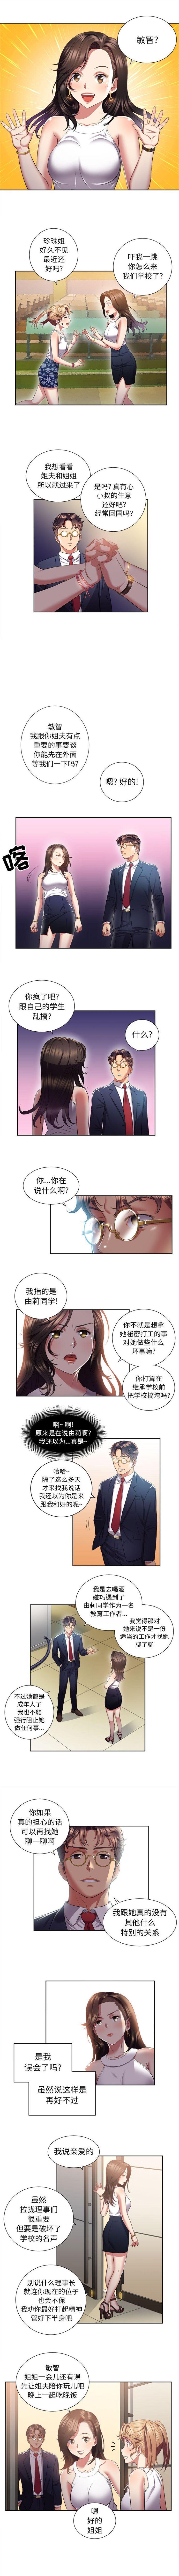 由莉的秘密1-60 中文翻译 (更新中) 100